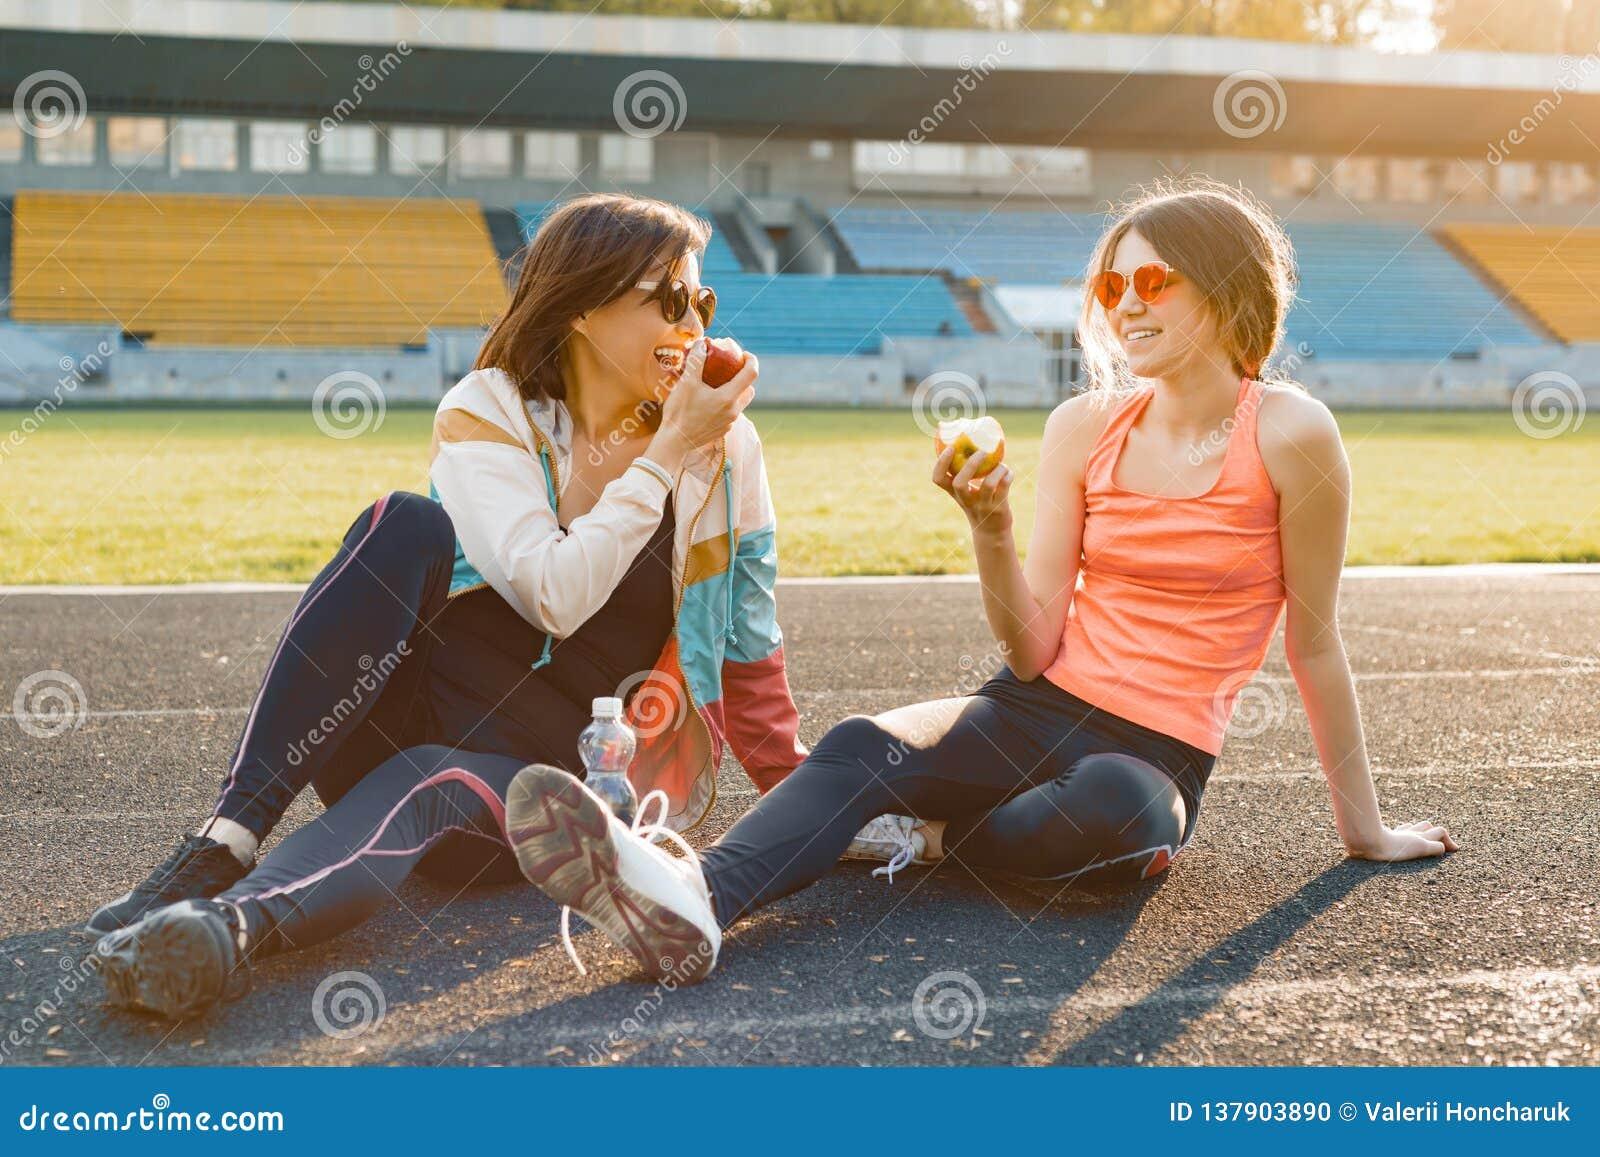 健康生活方式和健康食物概念 一起吃在体育场的微笑的健身母亲和青少年女儿苹果开会